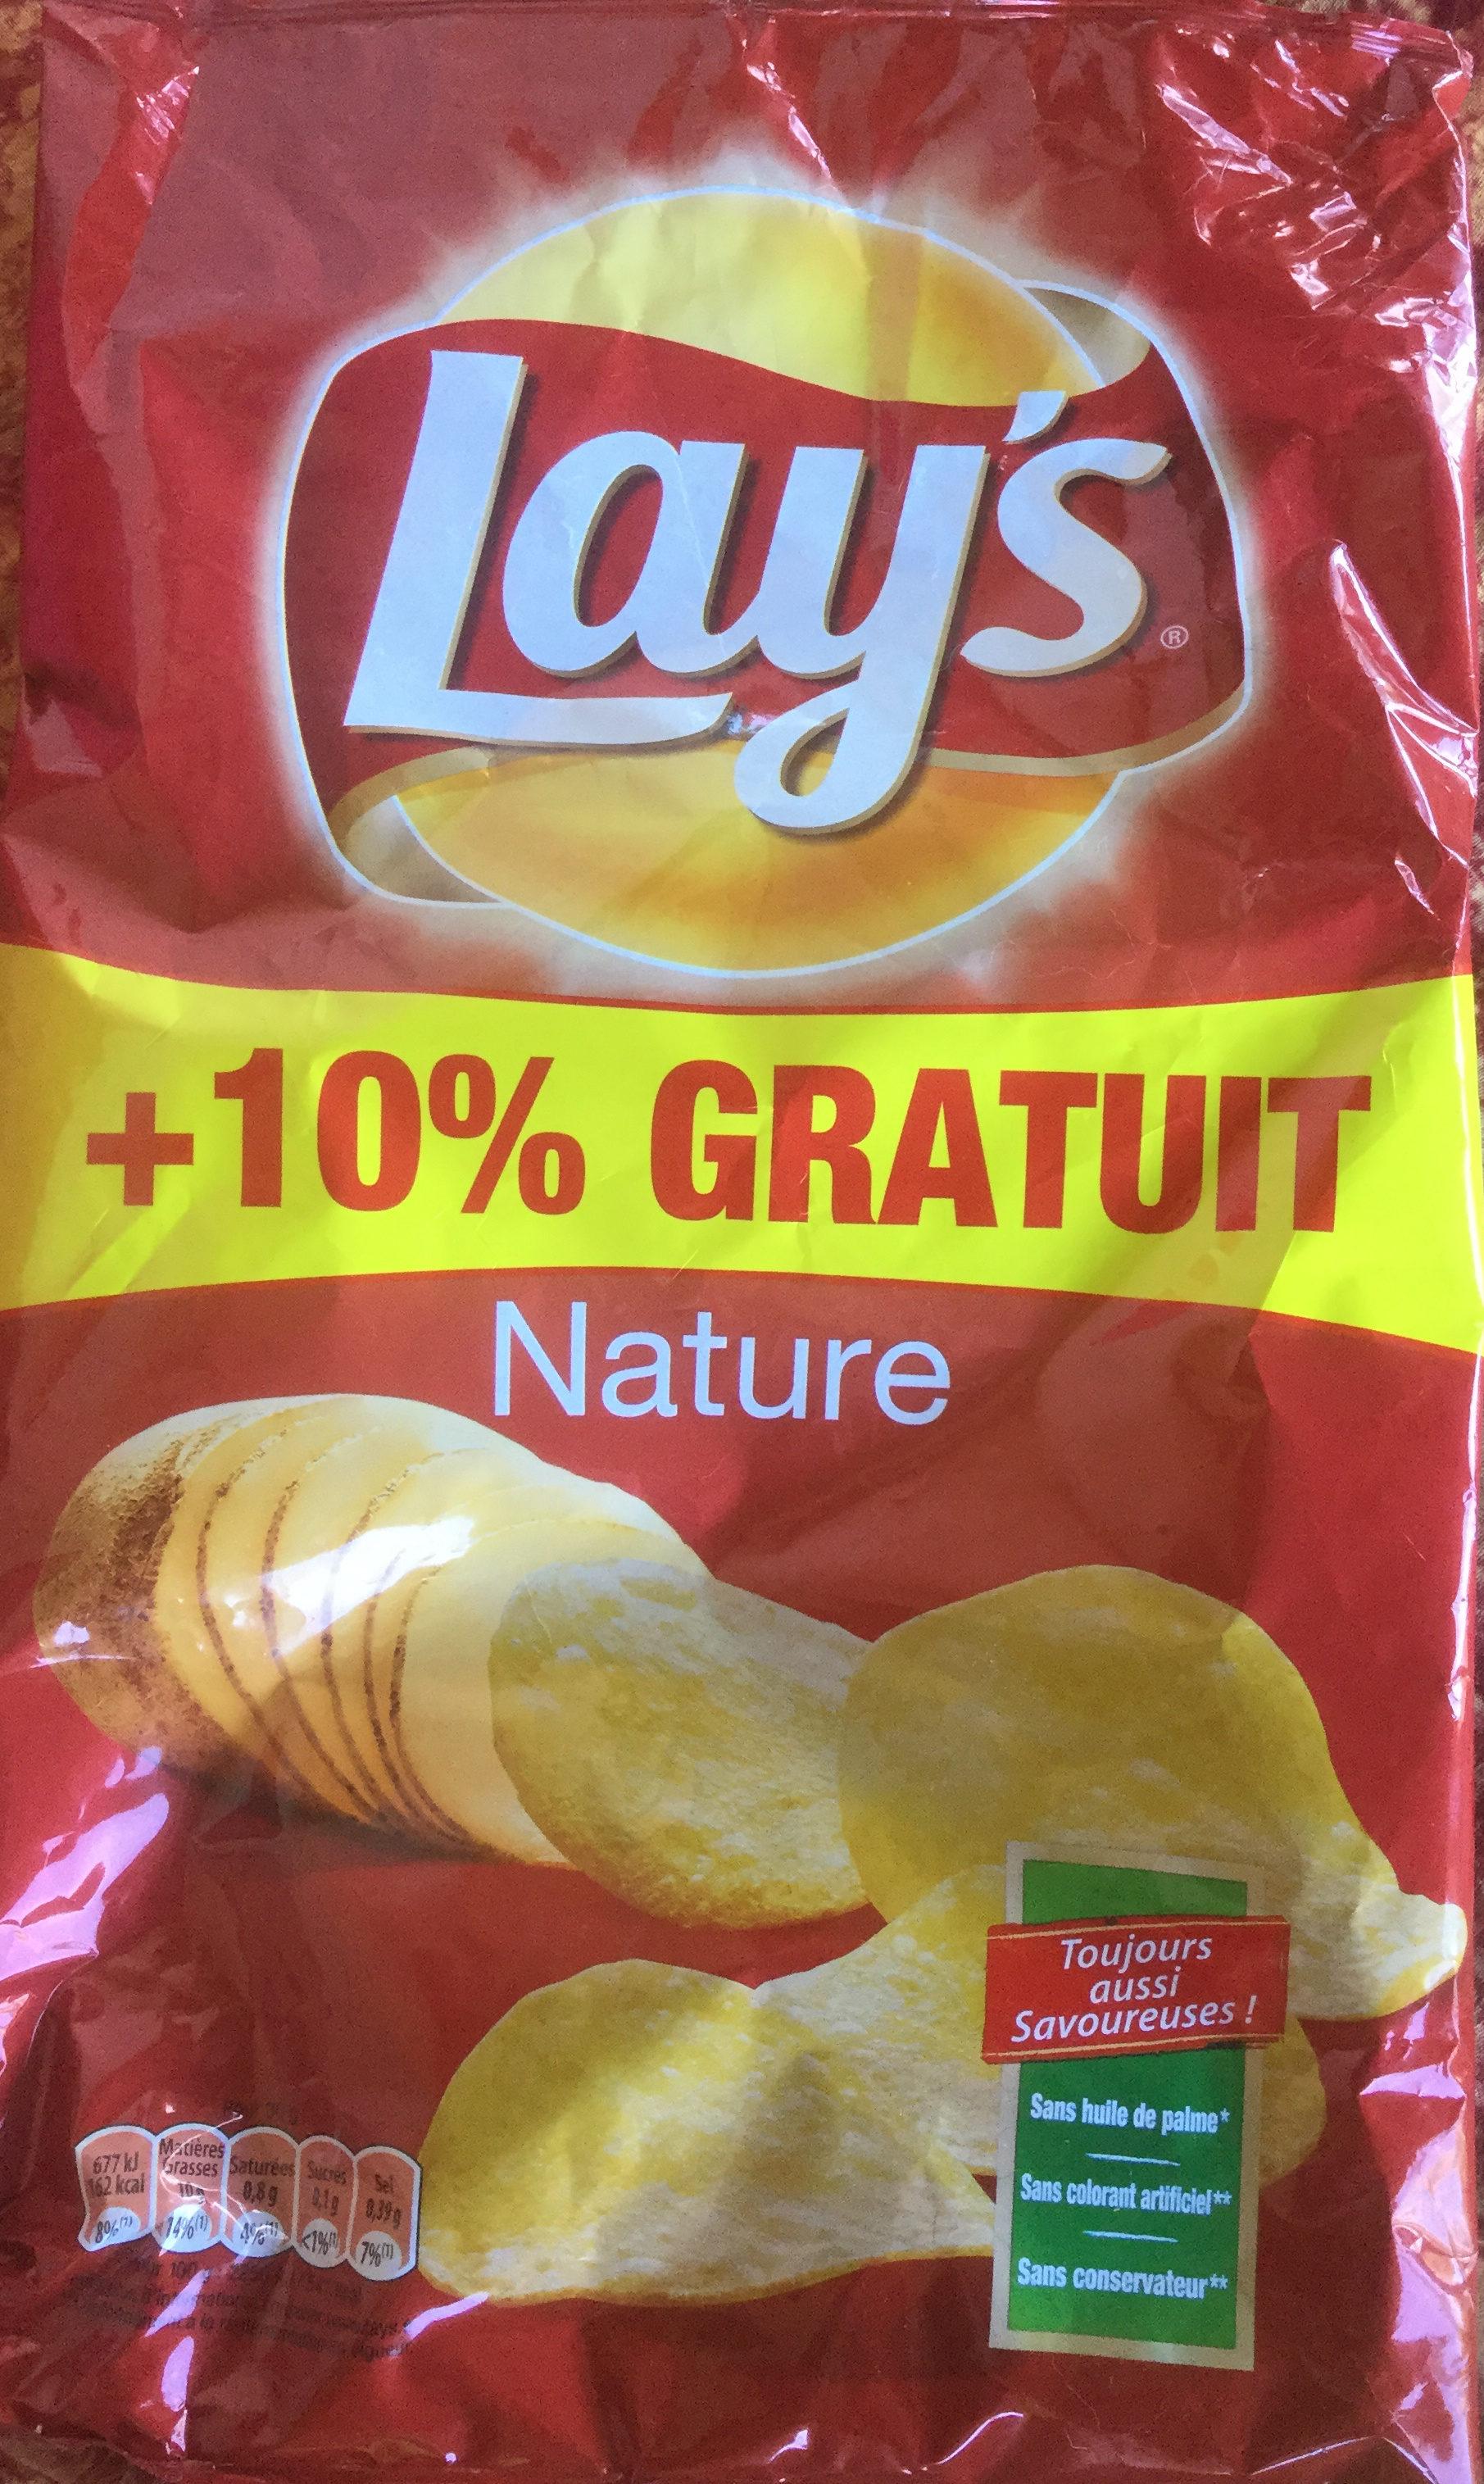 Paquet de chips nature Lay's - 300 g au HMarket Aulnay-sous-Bois (93)